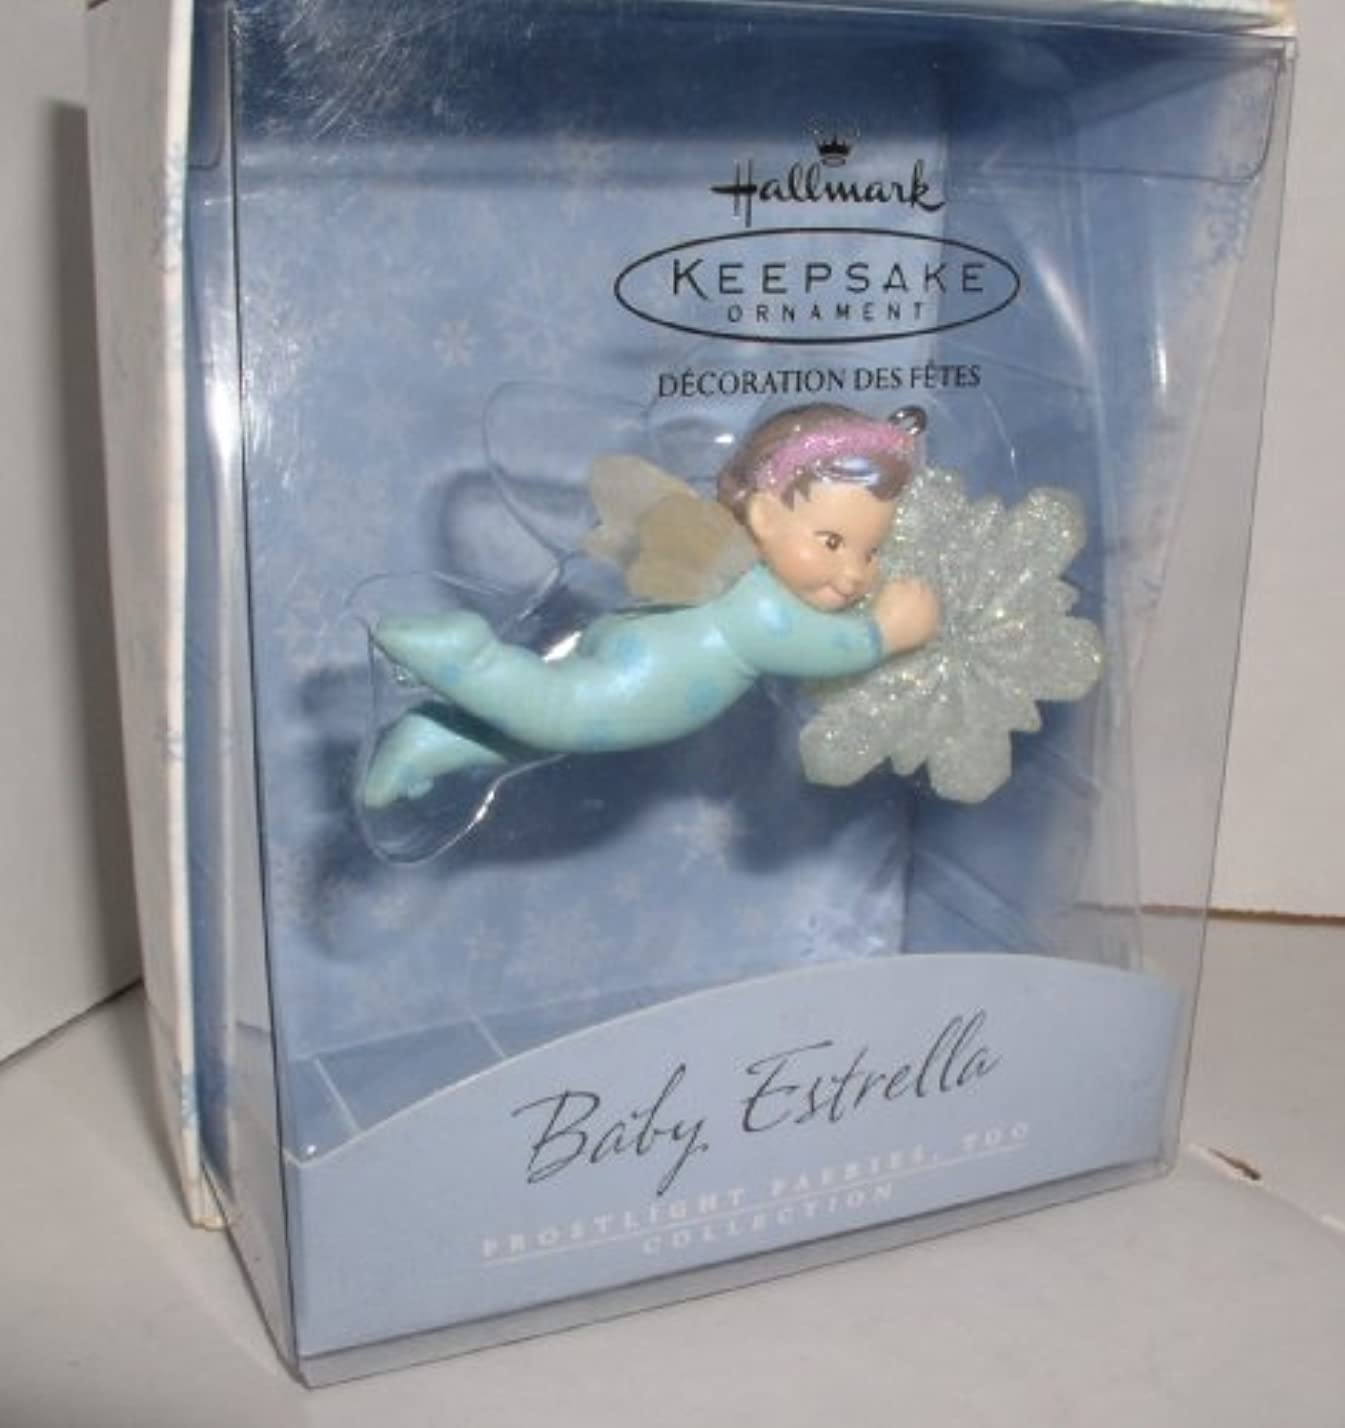 導入する傾向から聞くBaby Estrella Frostlight Faeries, Too Series 2002 Hallmark Ornament QP1663 by Frostlight Faeries